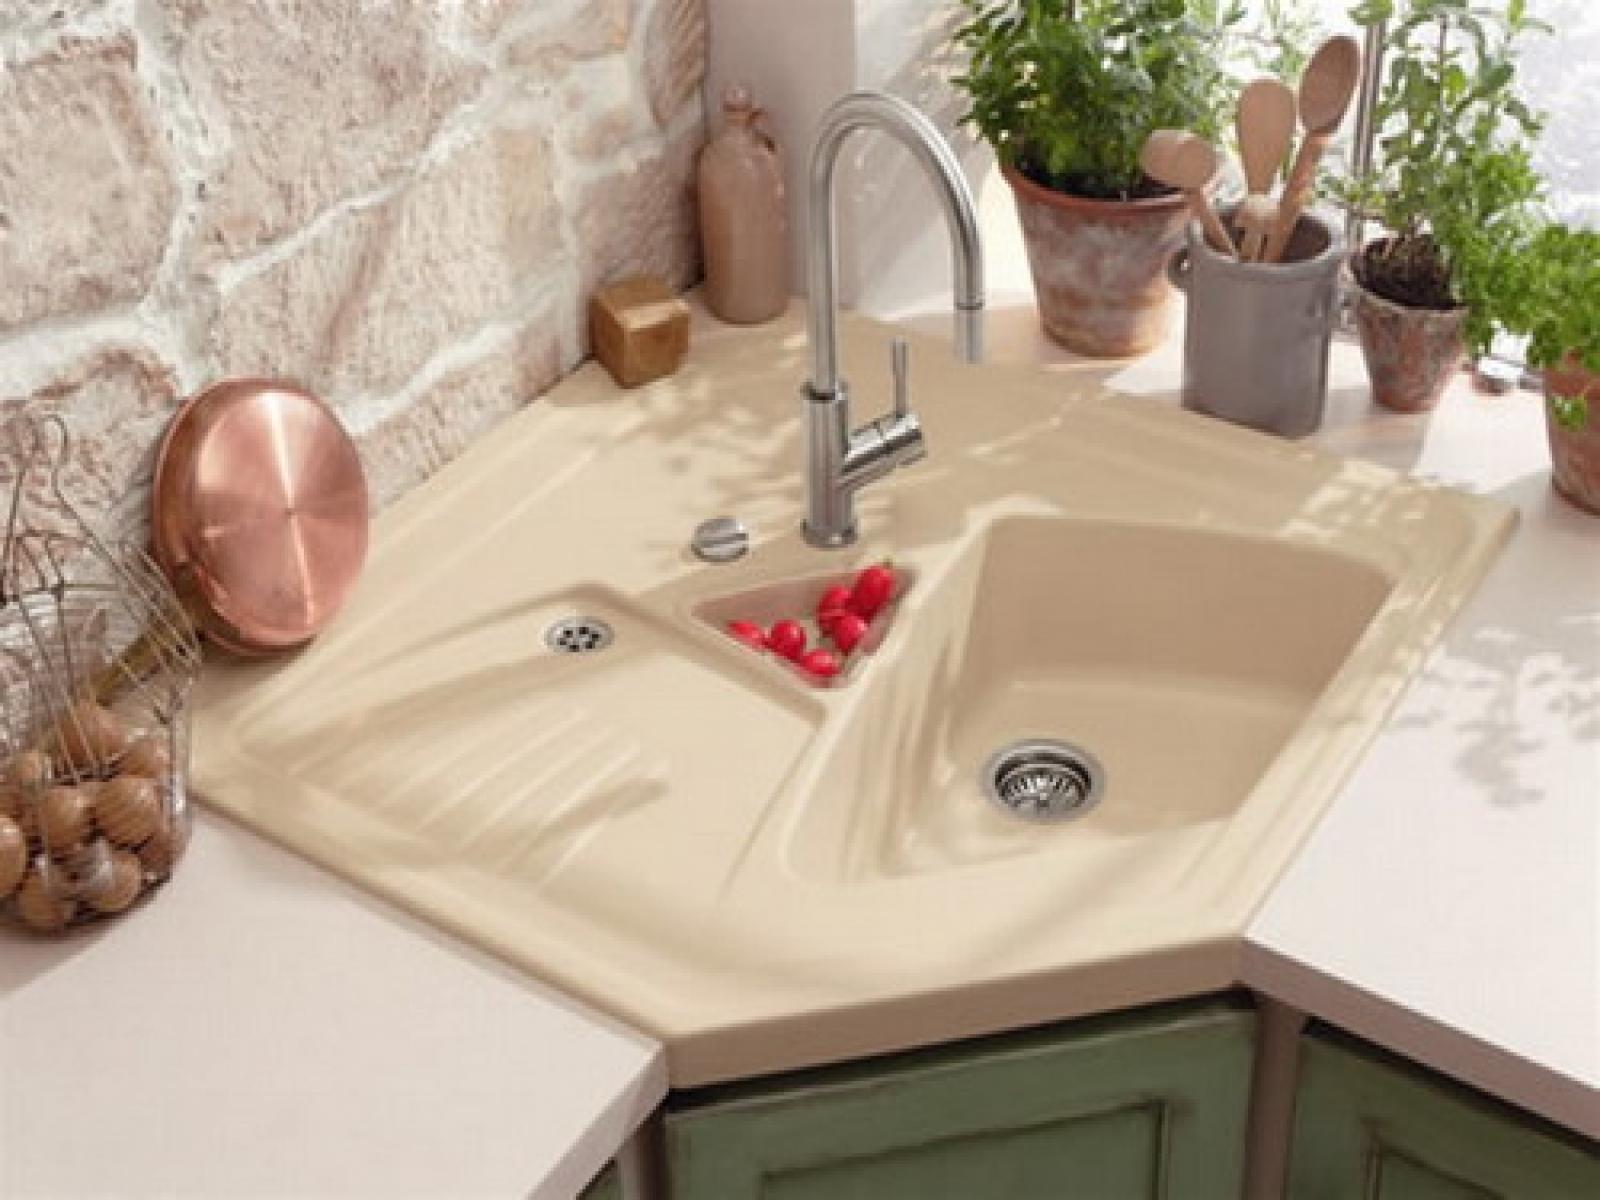 Lovely Corner Kitchen Sinks To Eal